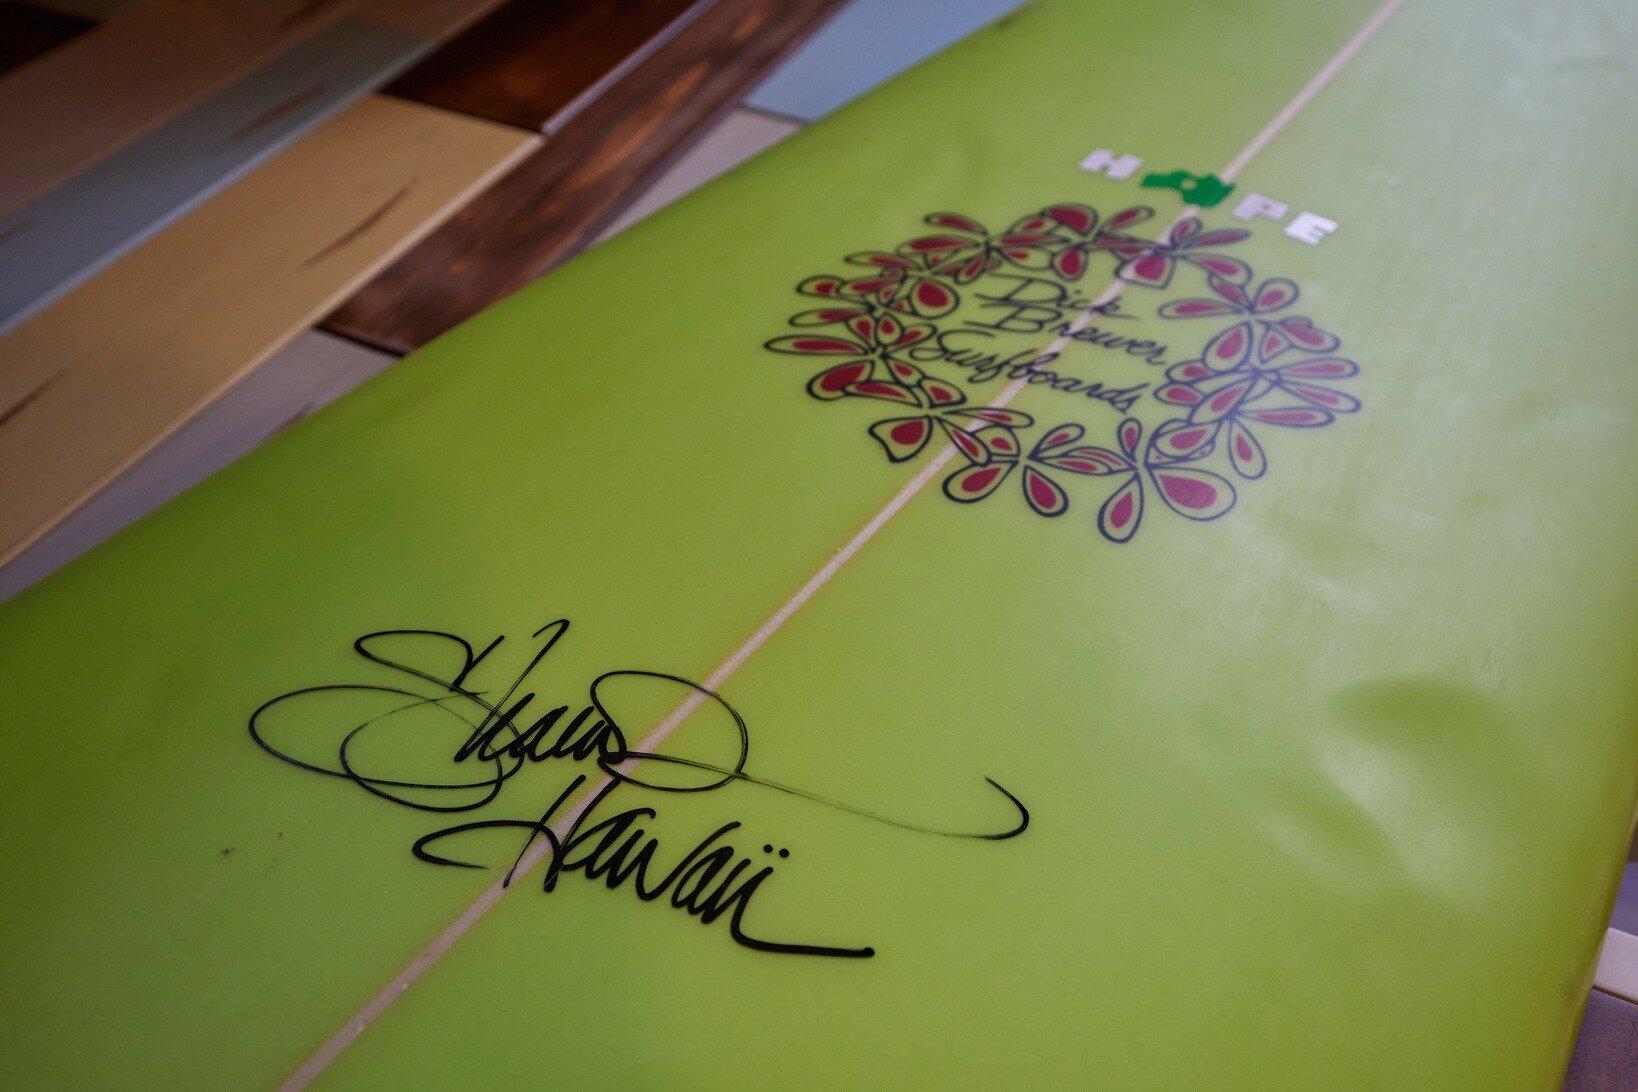 デッキにはハワイアンサーファーのシェーン・ドリアンのサインが。野村さんも憧れる世界的ビッグ・ウェーバーだ